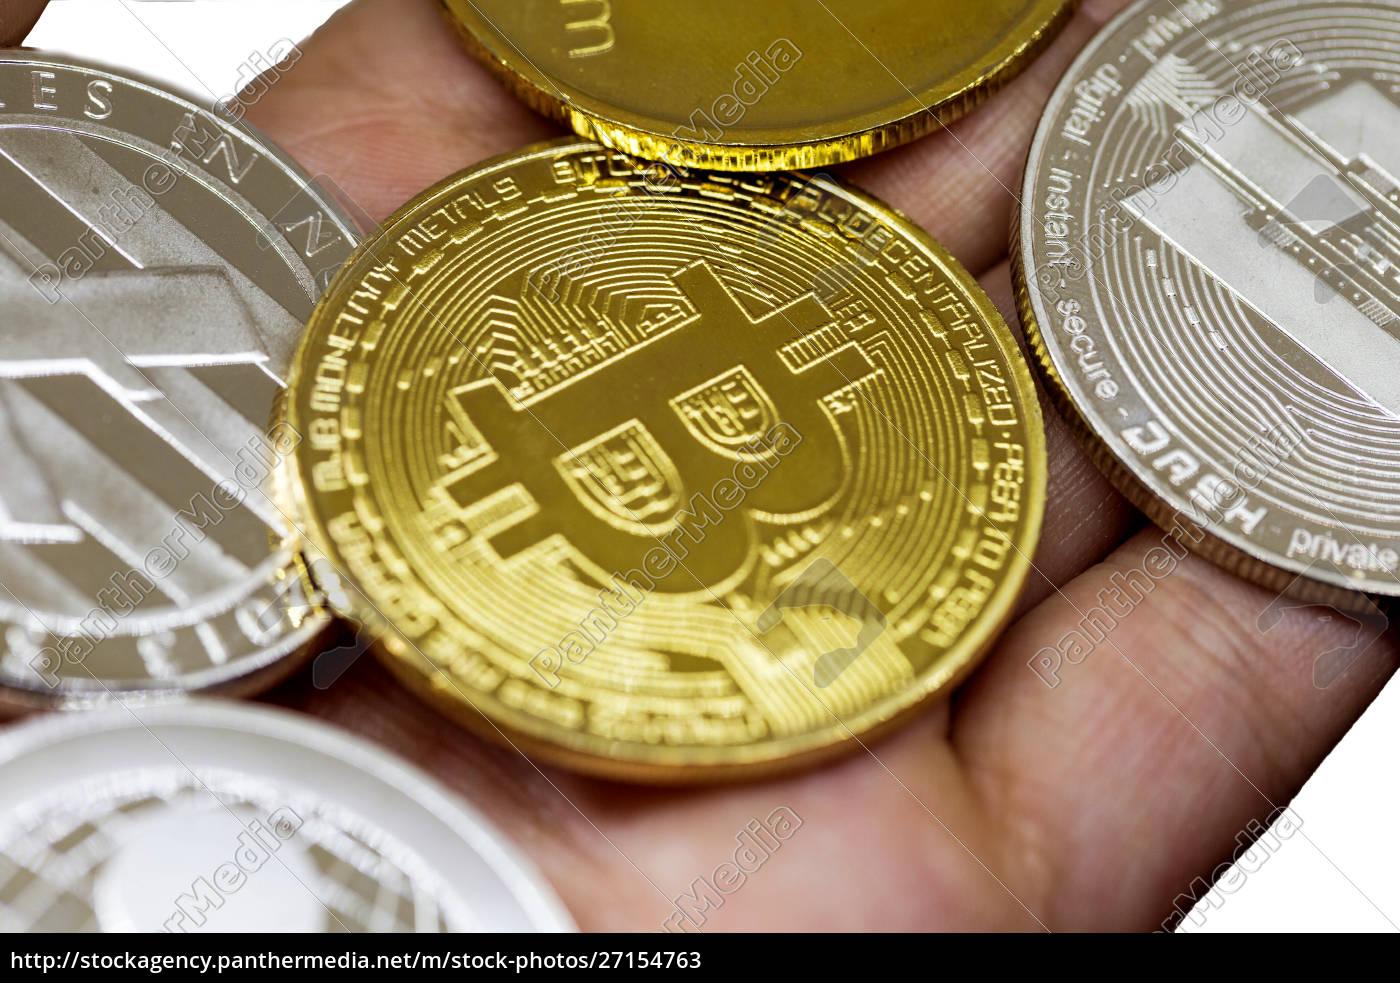 golden, erd, bitcoin, in, der, hand - 27154763